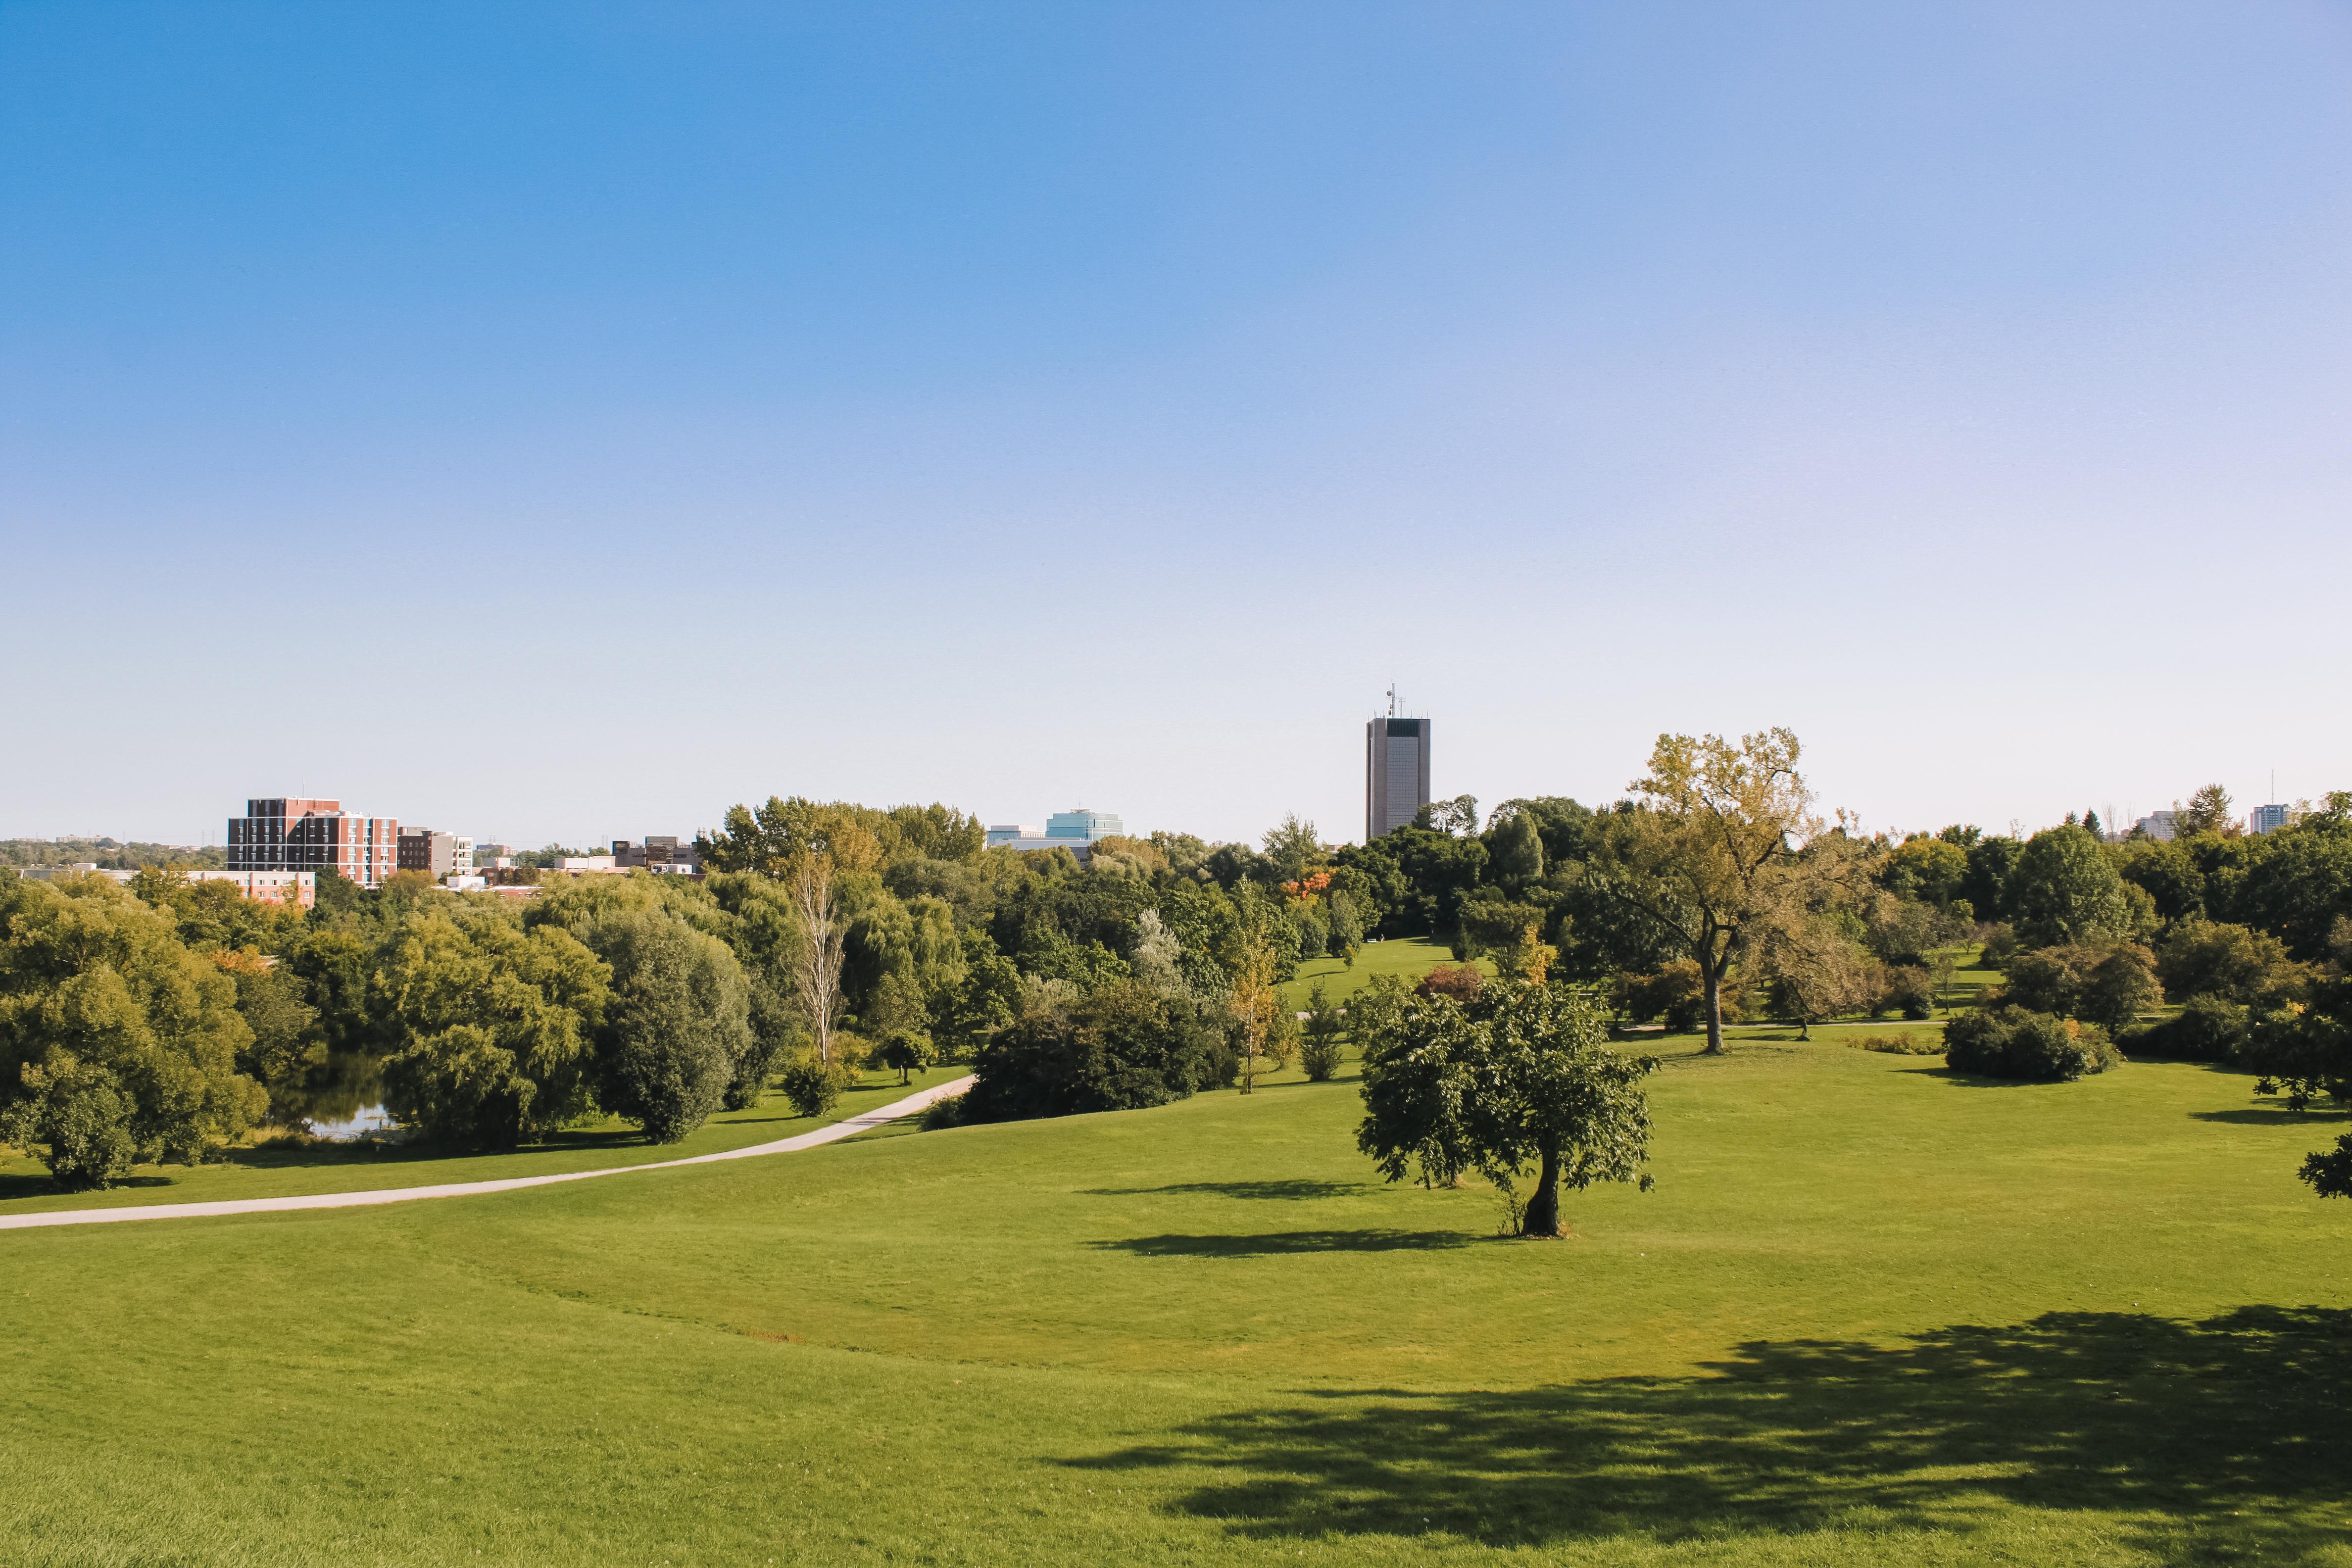 Civic, Arboretum